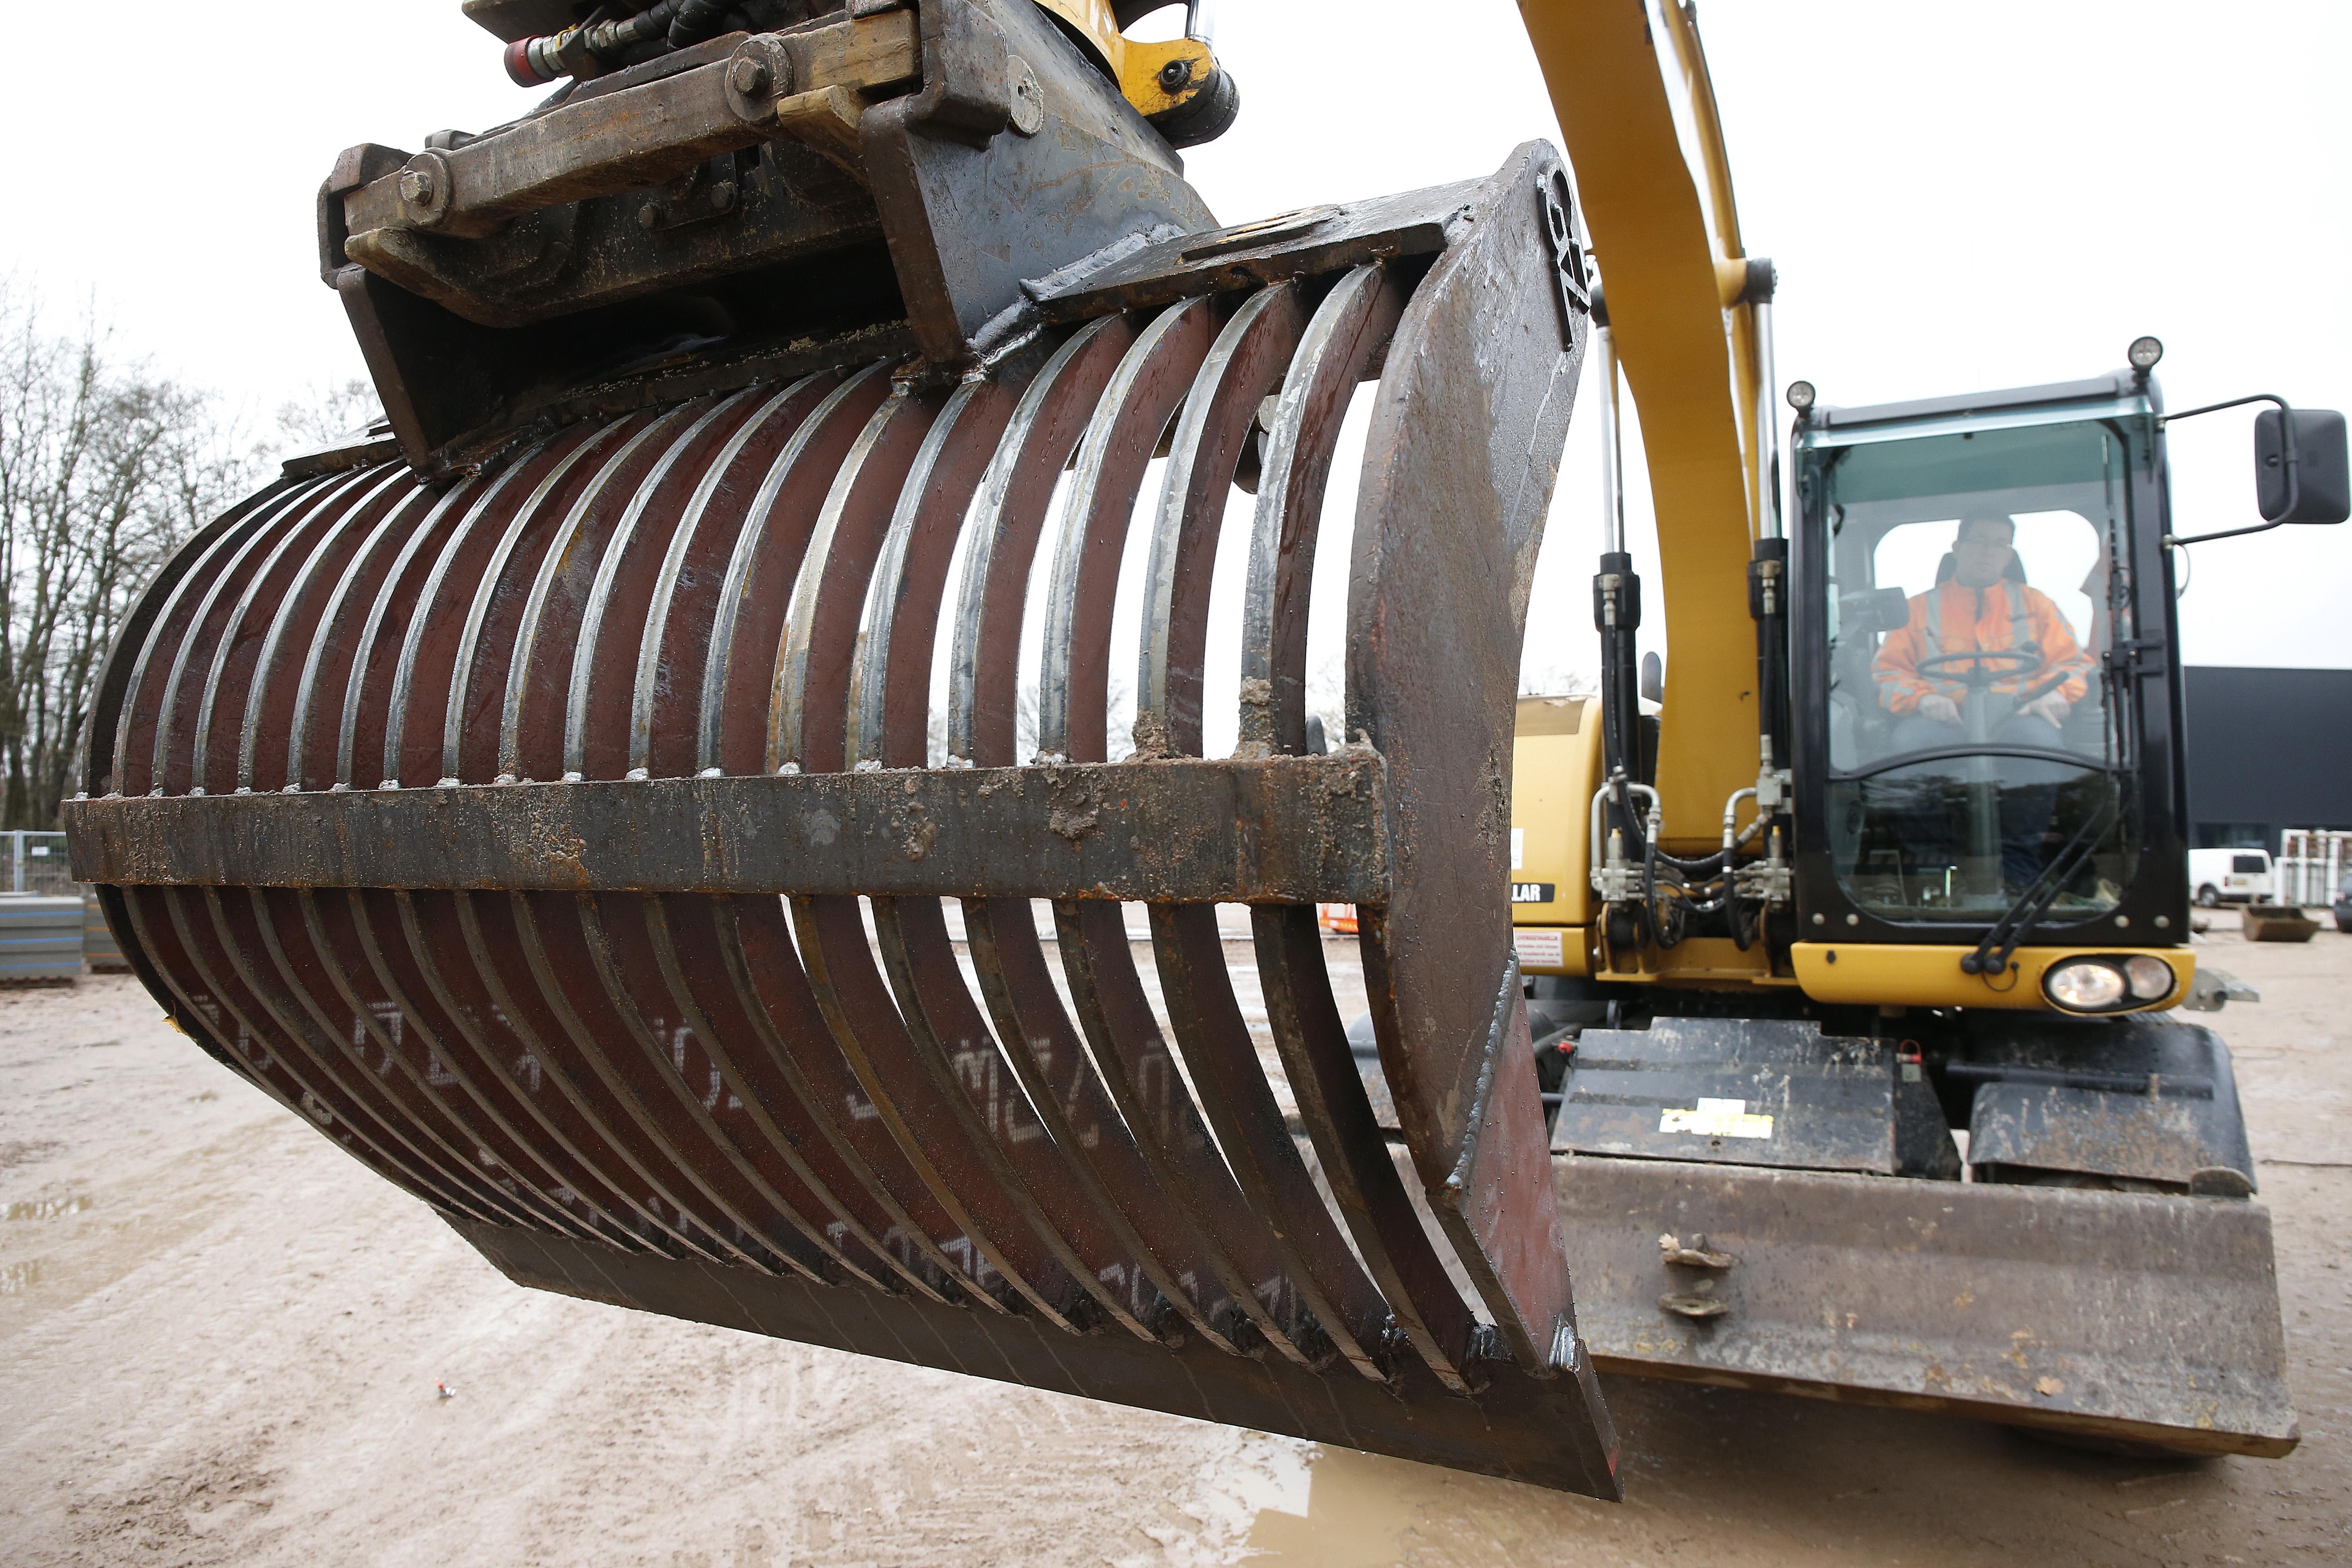 <p>De revisie van een puinbak gaat bij Groot Zevert tussen de bedrijven door. Rob bestelt staal, laat het op maat snijden en last het vervolgens in elkaar. 'Zo goed als nieuw, voor weinig.' </p>